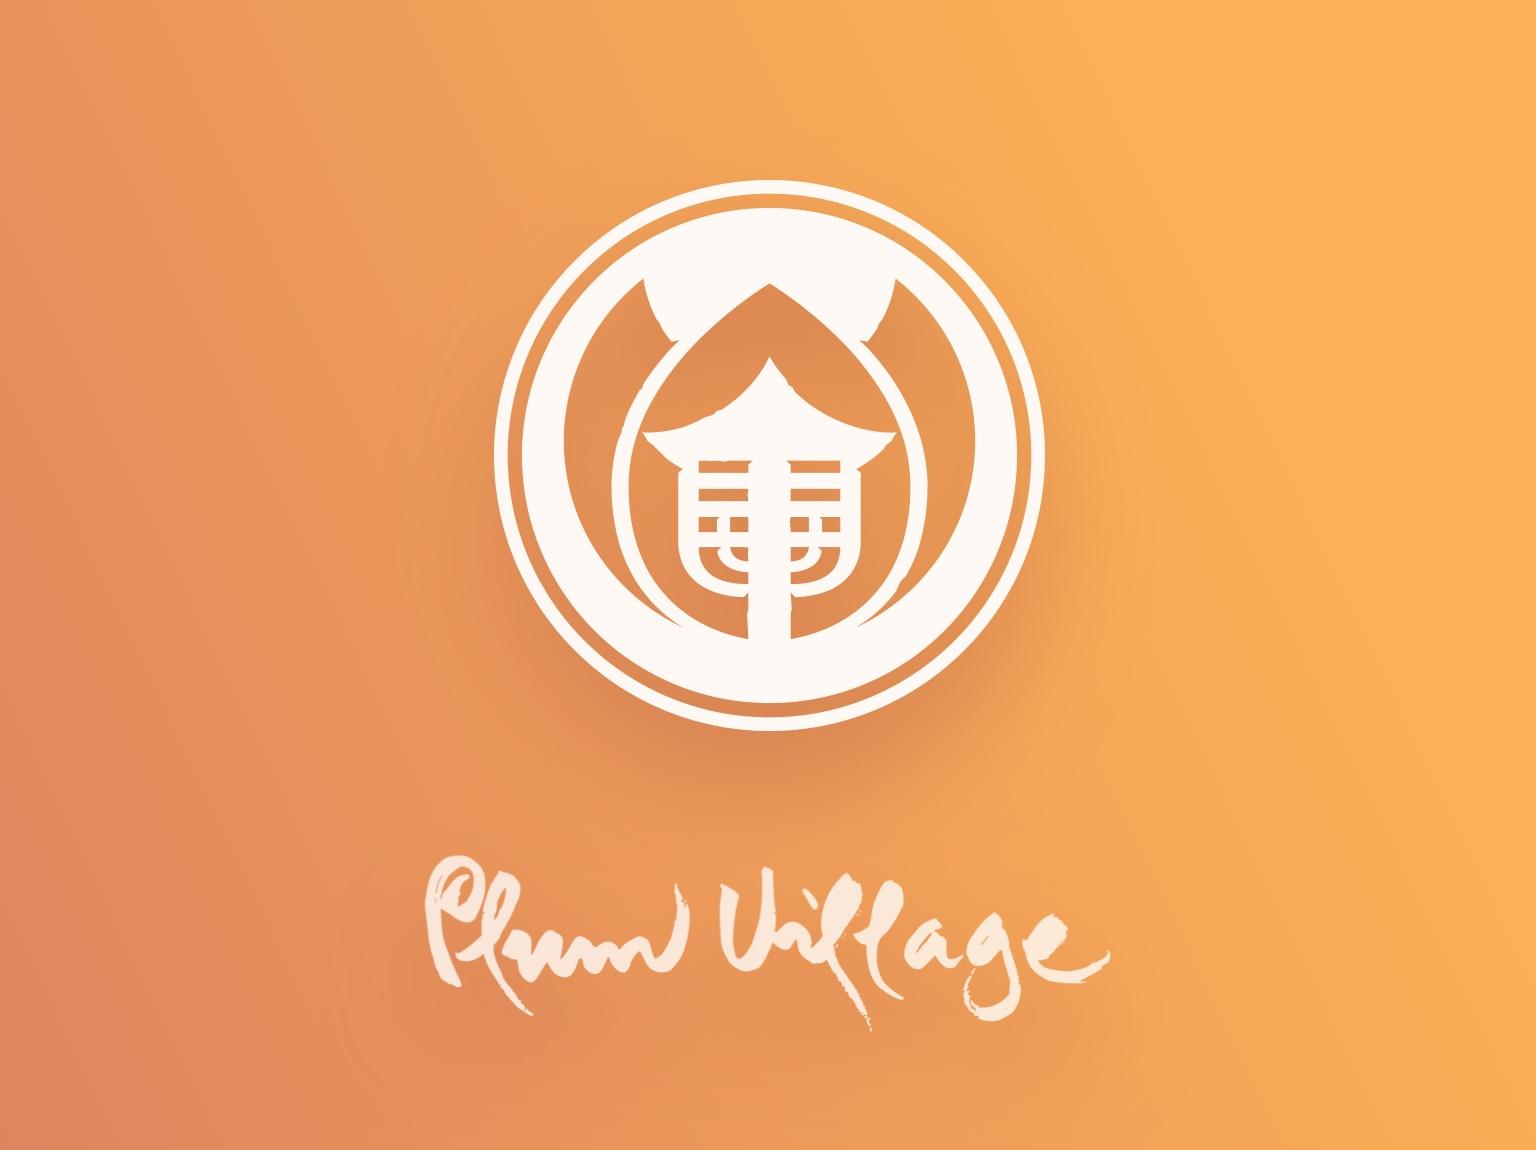 Review: Plum Village App